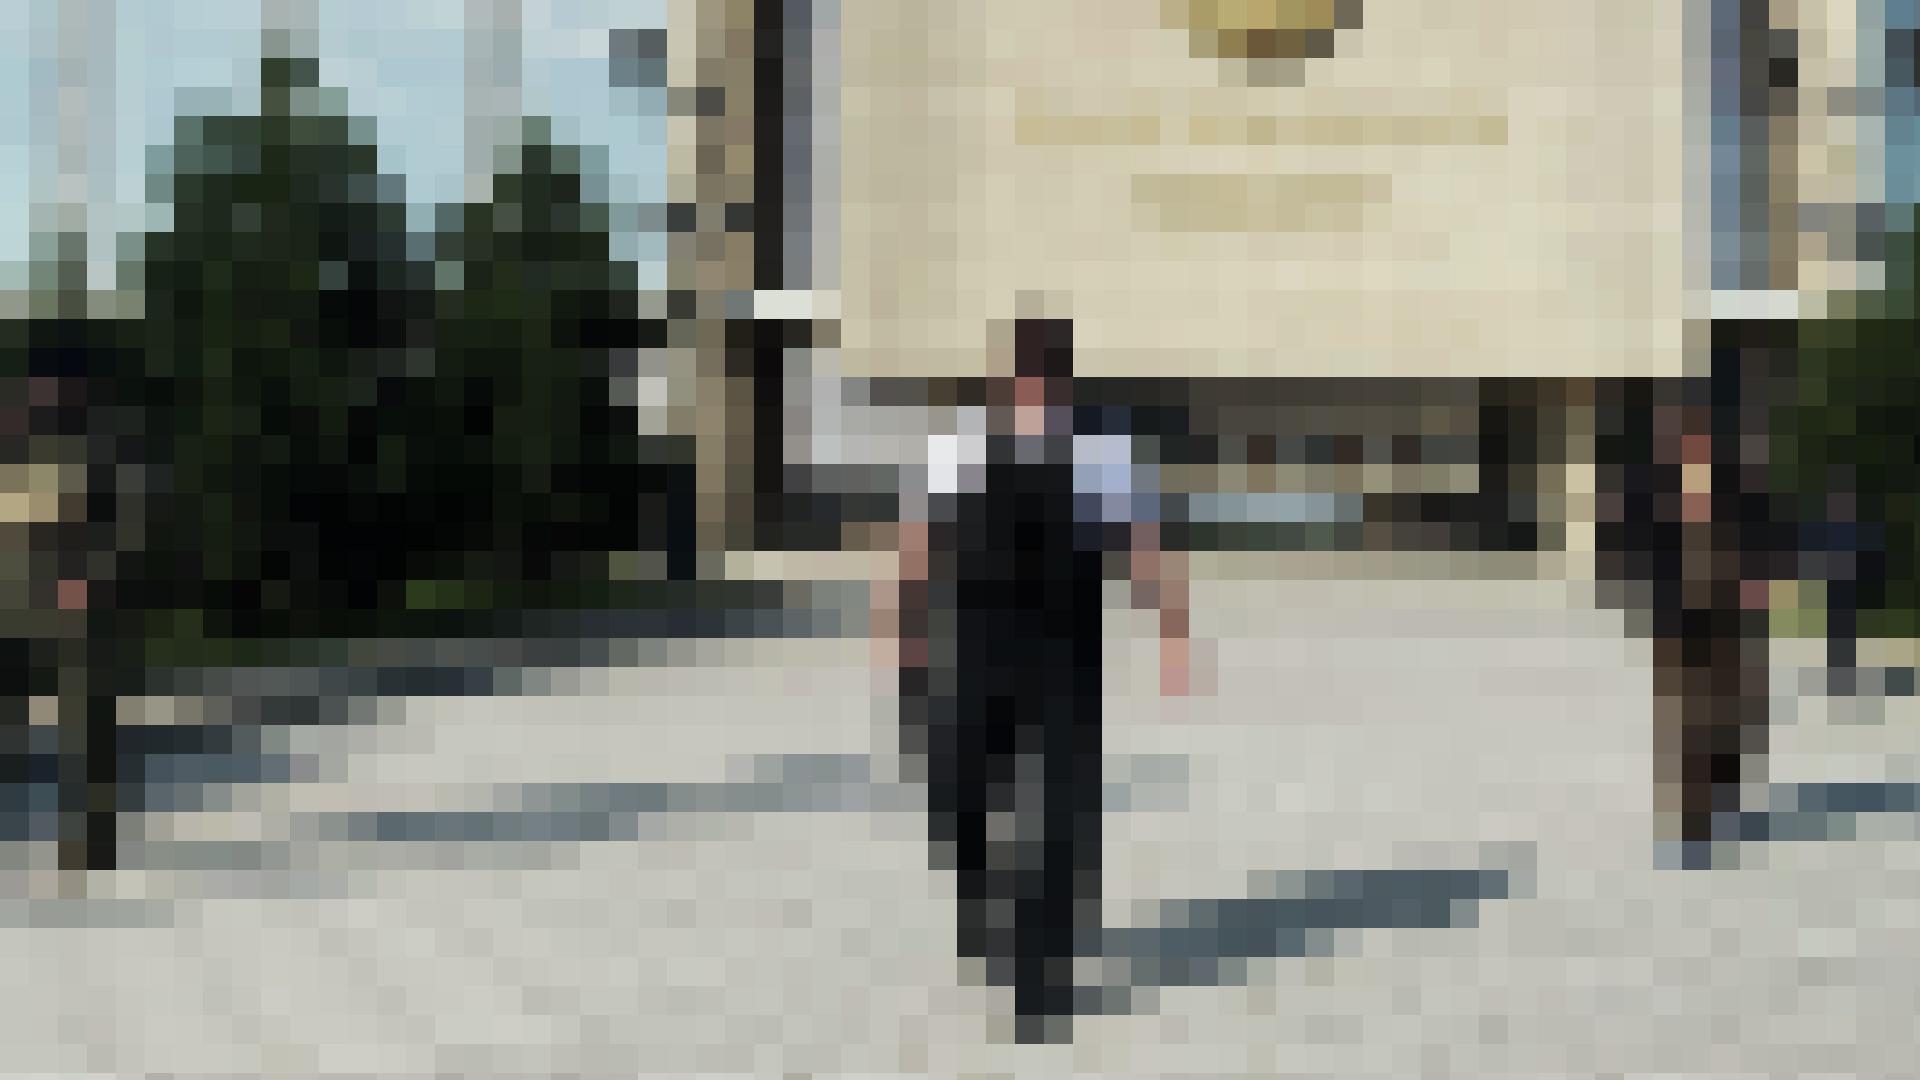 Александр Лукашенко с автоматом в руках напротив своей рабочей резиденции. Оригинал: РИА Новости